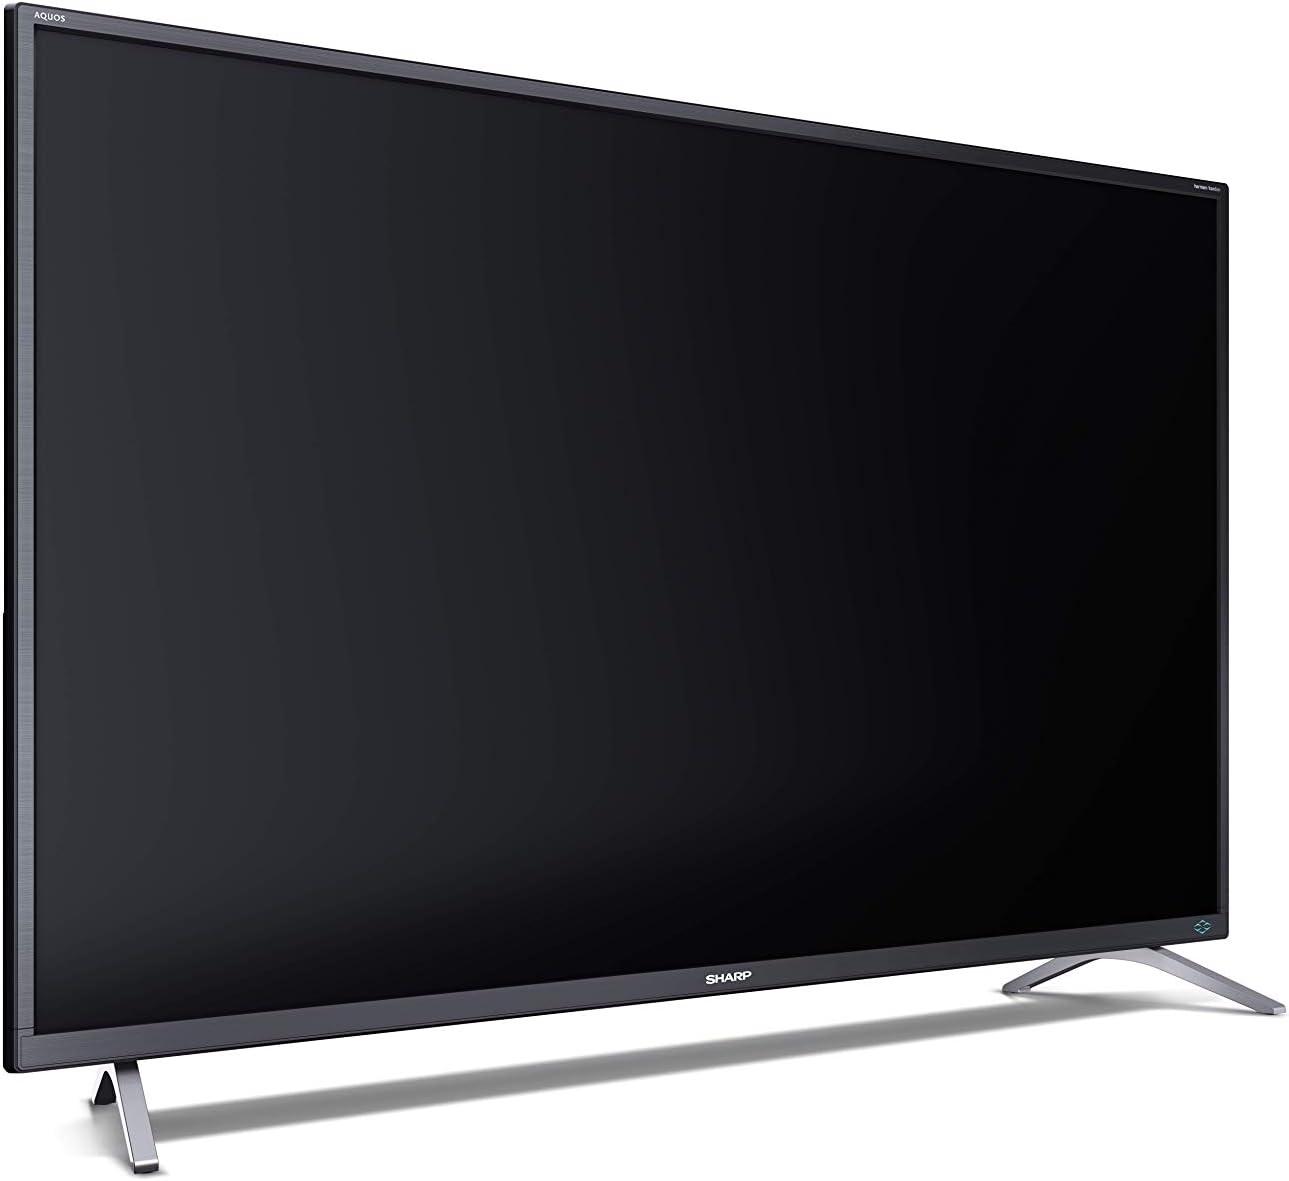 Sharp LC-40FI6522E - Smart TV FHD Slim de 40